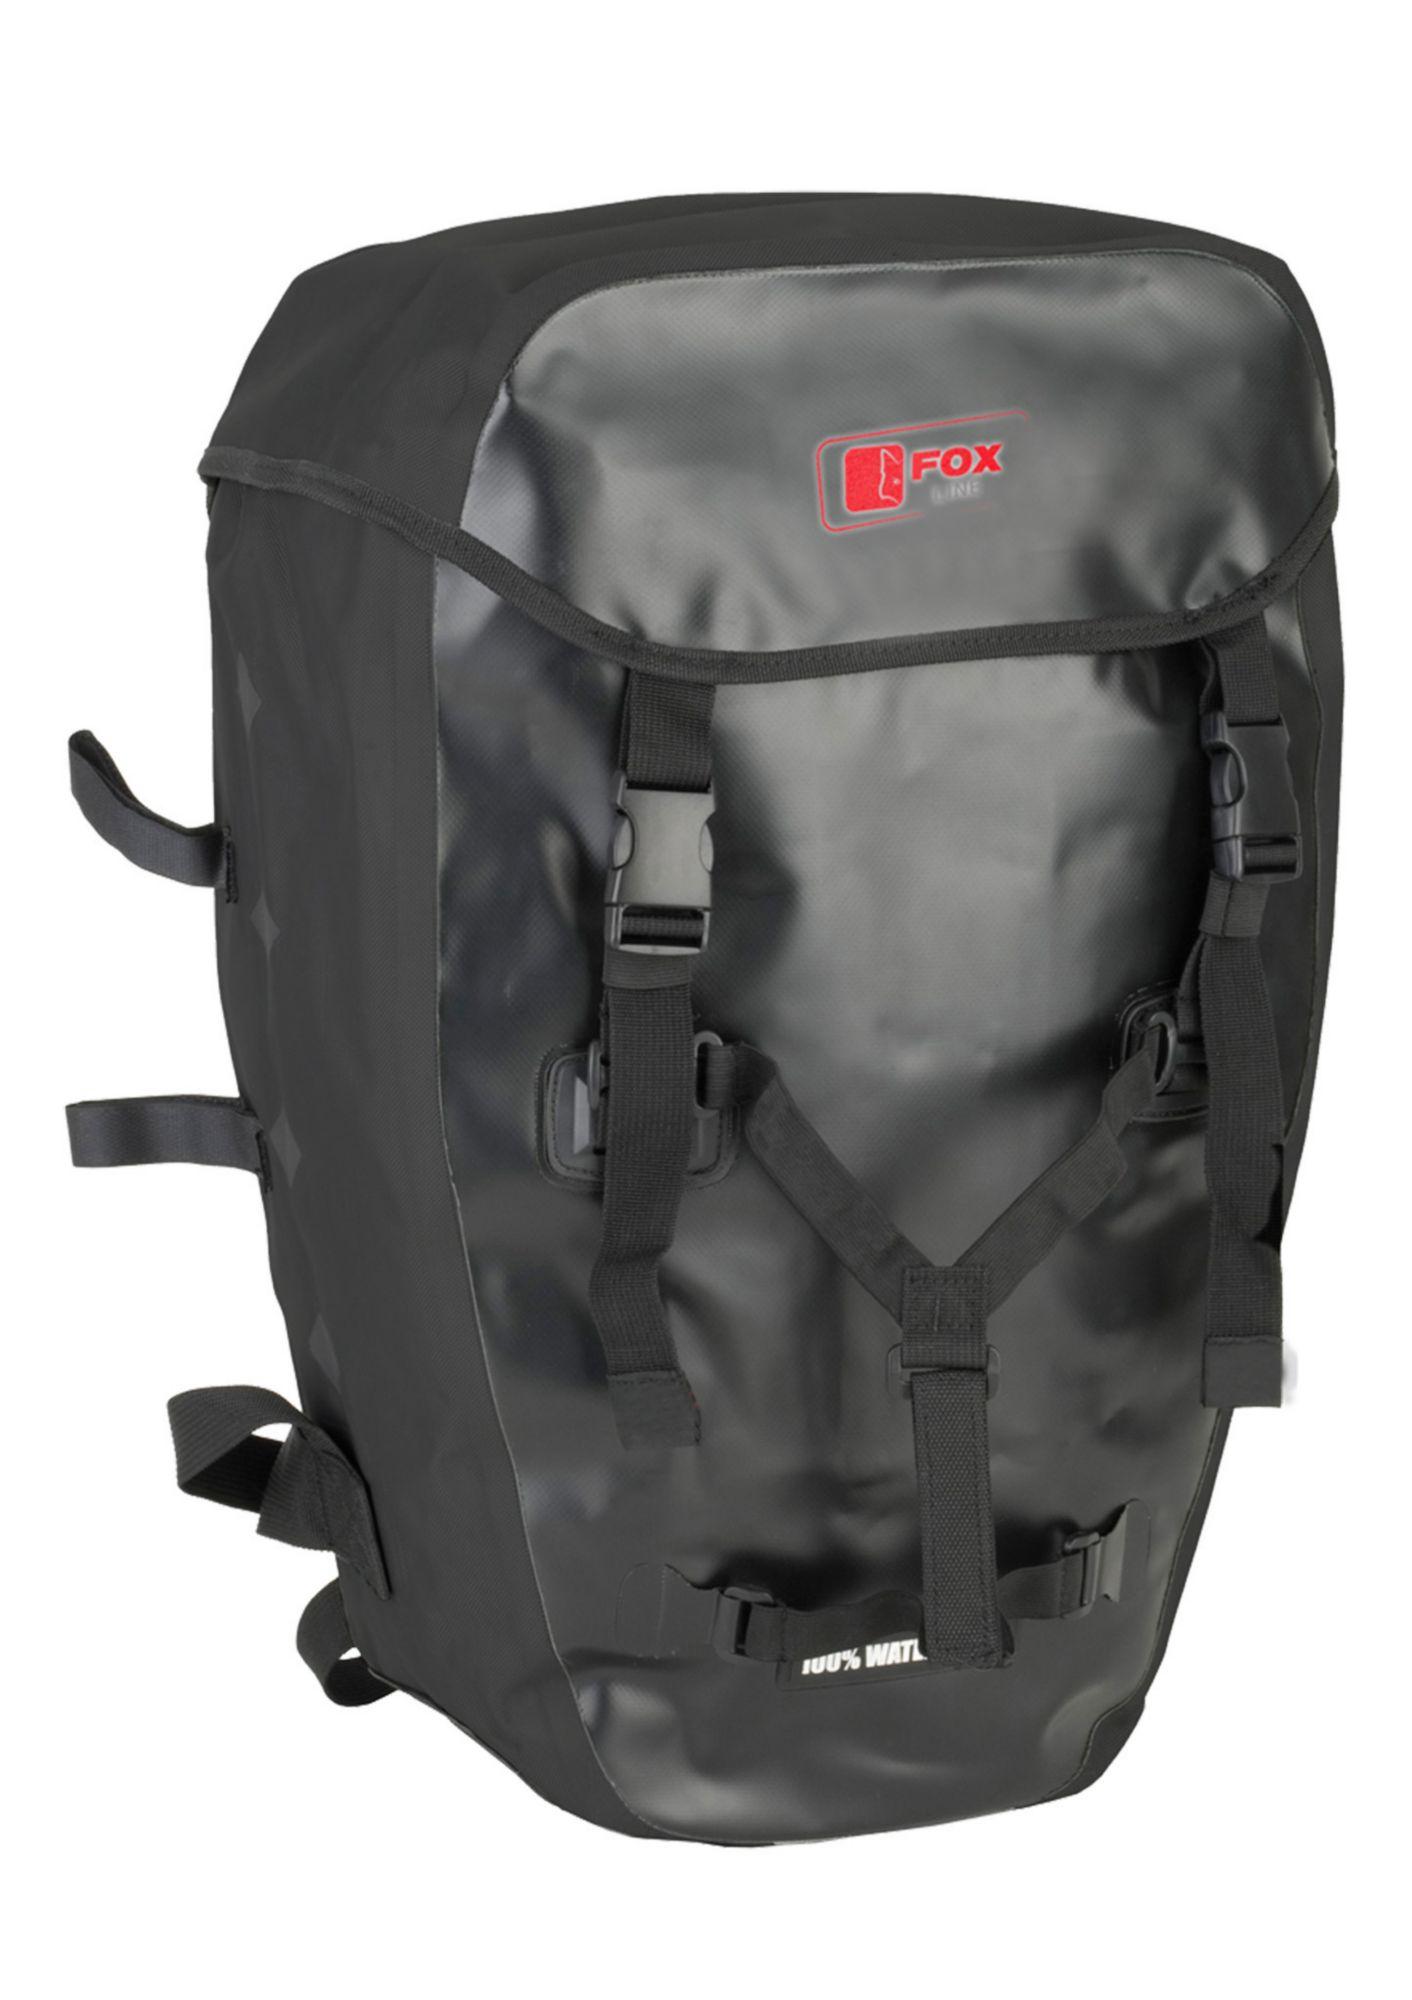 FOX LINE Fox Line Fahrradrucksack für Gepäckträger, schwarz